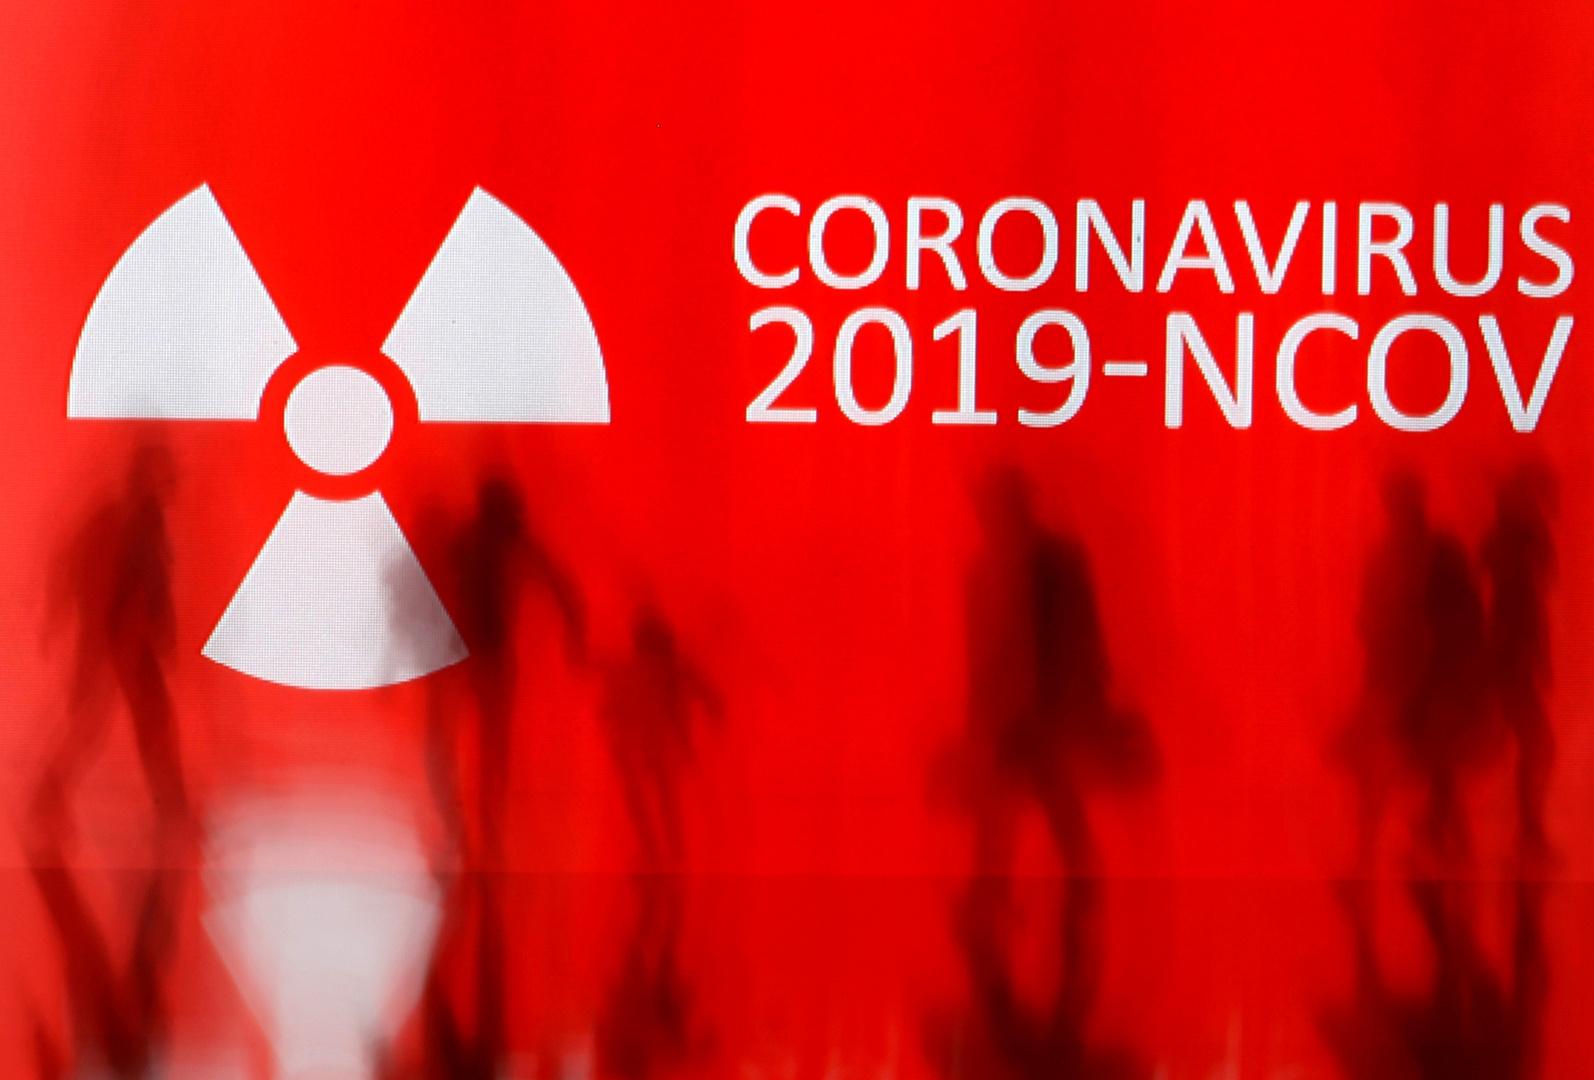 عدد المصابين بفيروس كورونا في العالم يتجاوز 150 ألف